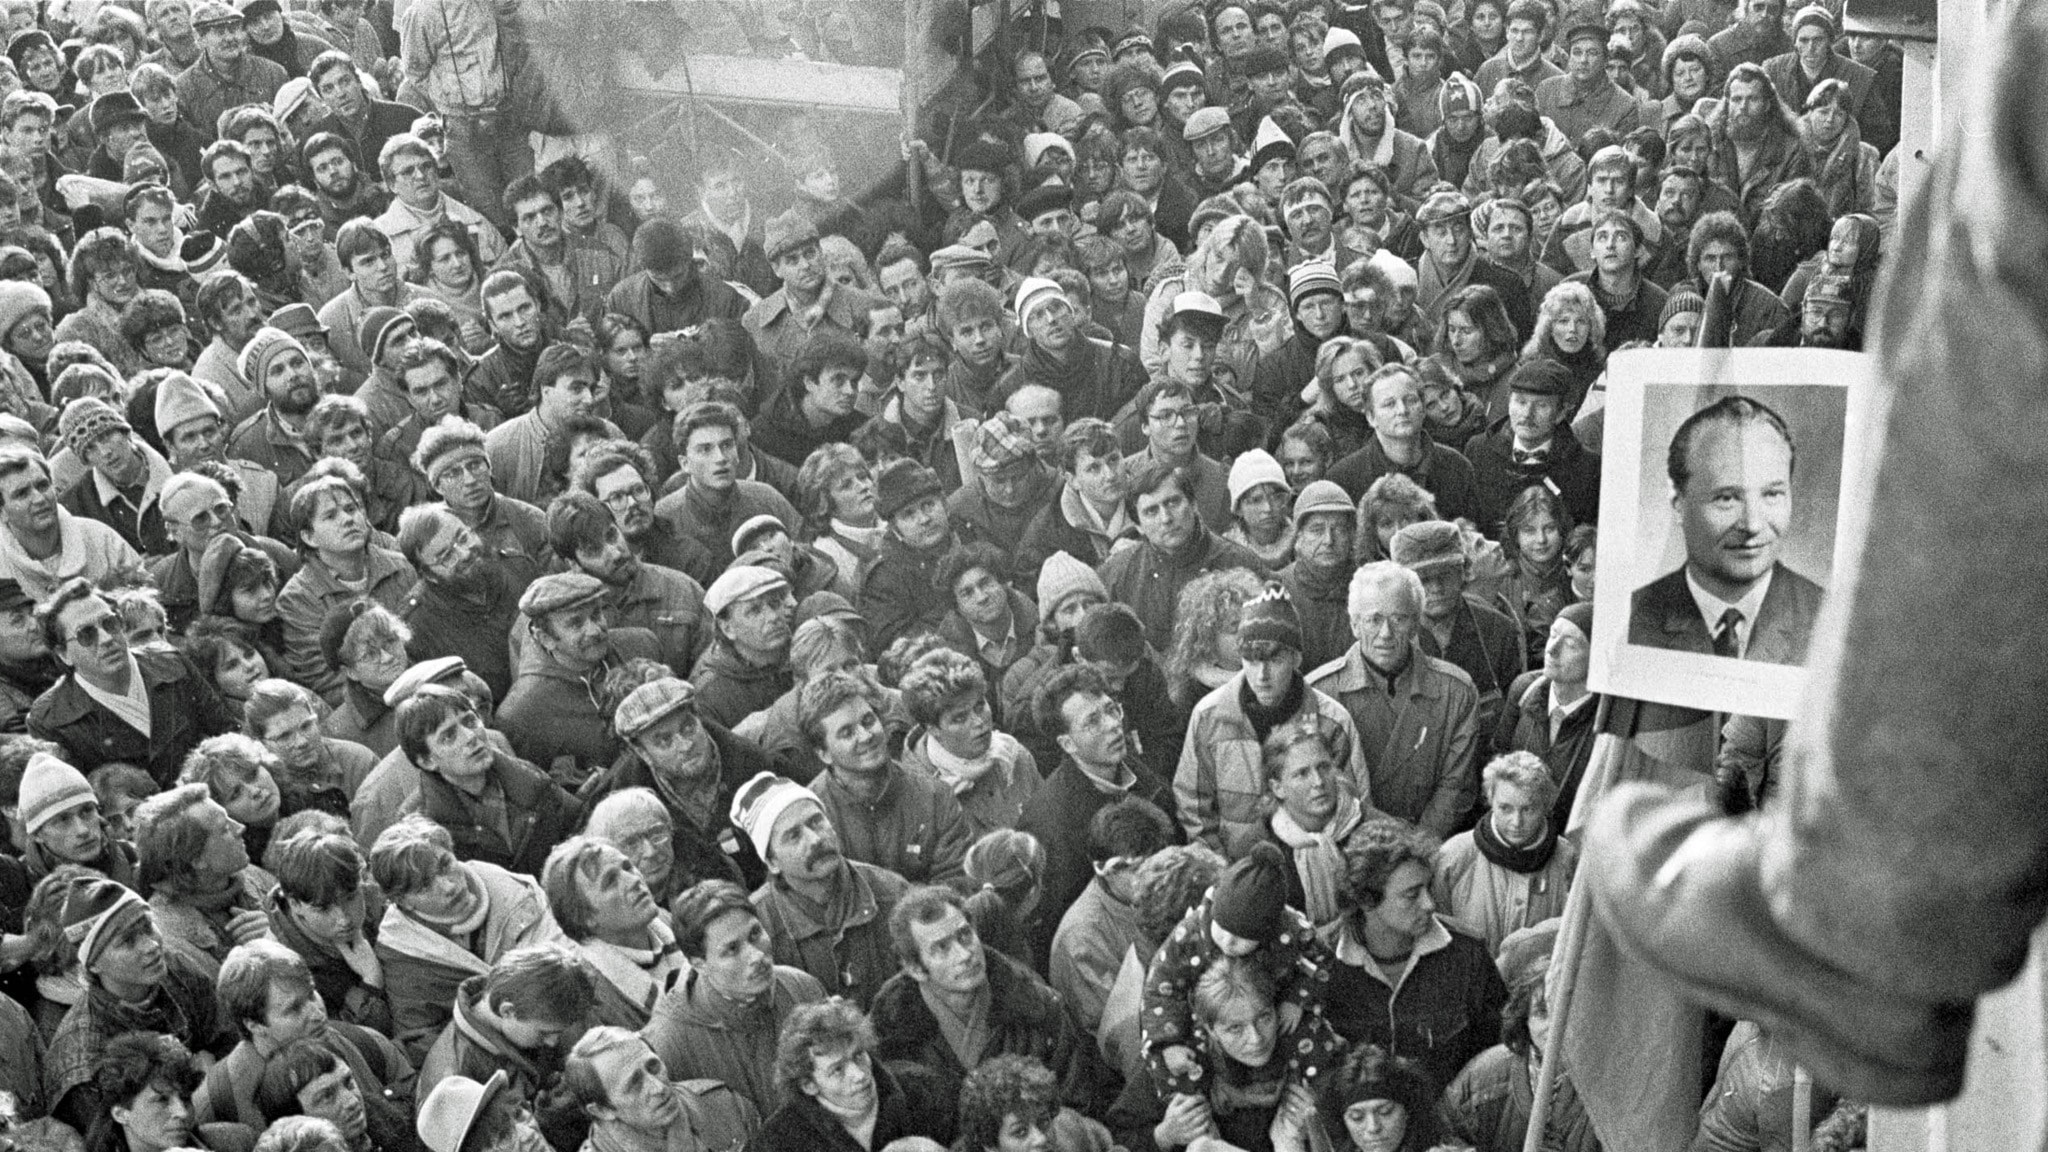 Jean-Claude Coutausse, Tjeckoslovaken, Prag. En demonstration samlar 500.000 människor i protest mot den kommunistiska regeringen i Letnaparken den 25 november 1989, 1989. © Jean-Claude Coutausse